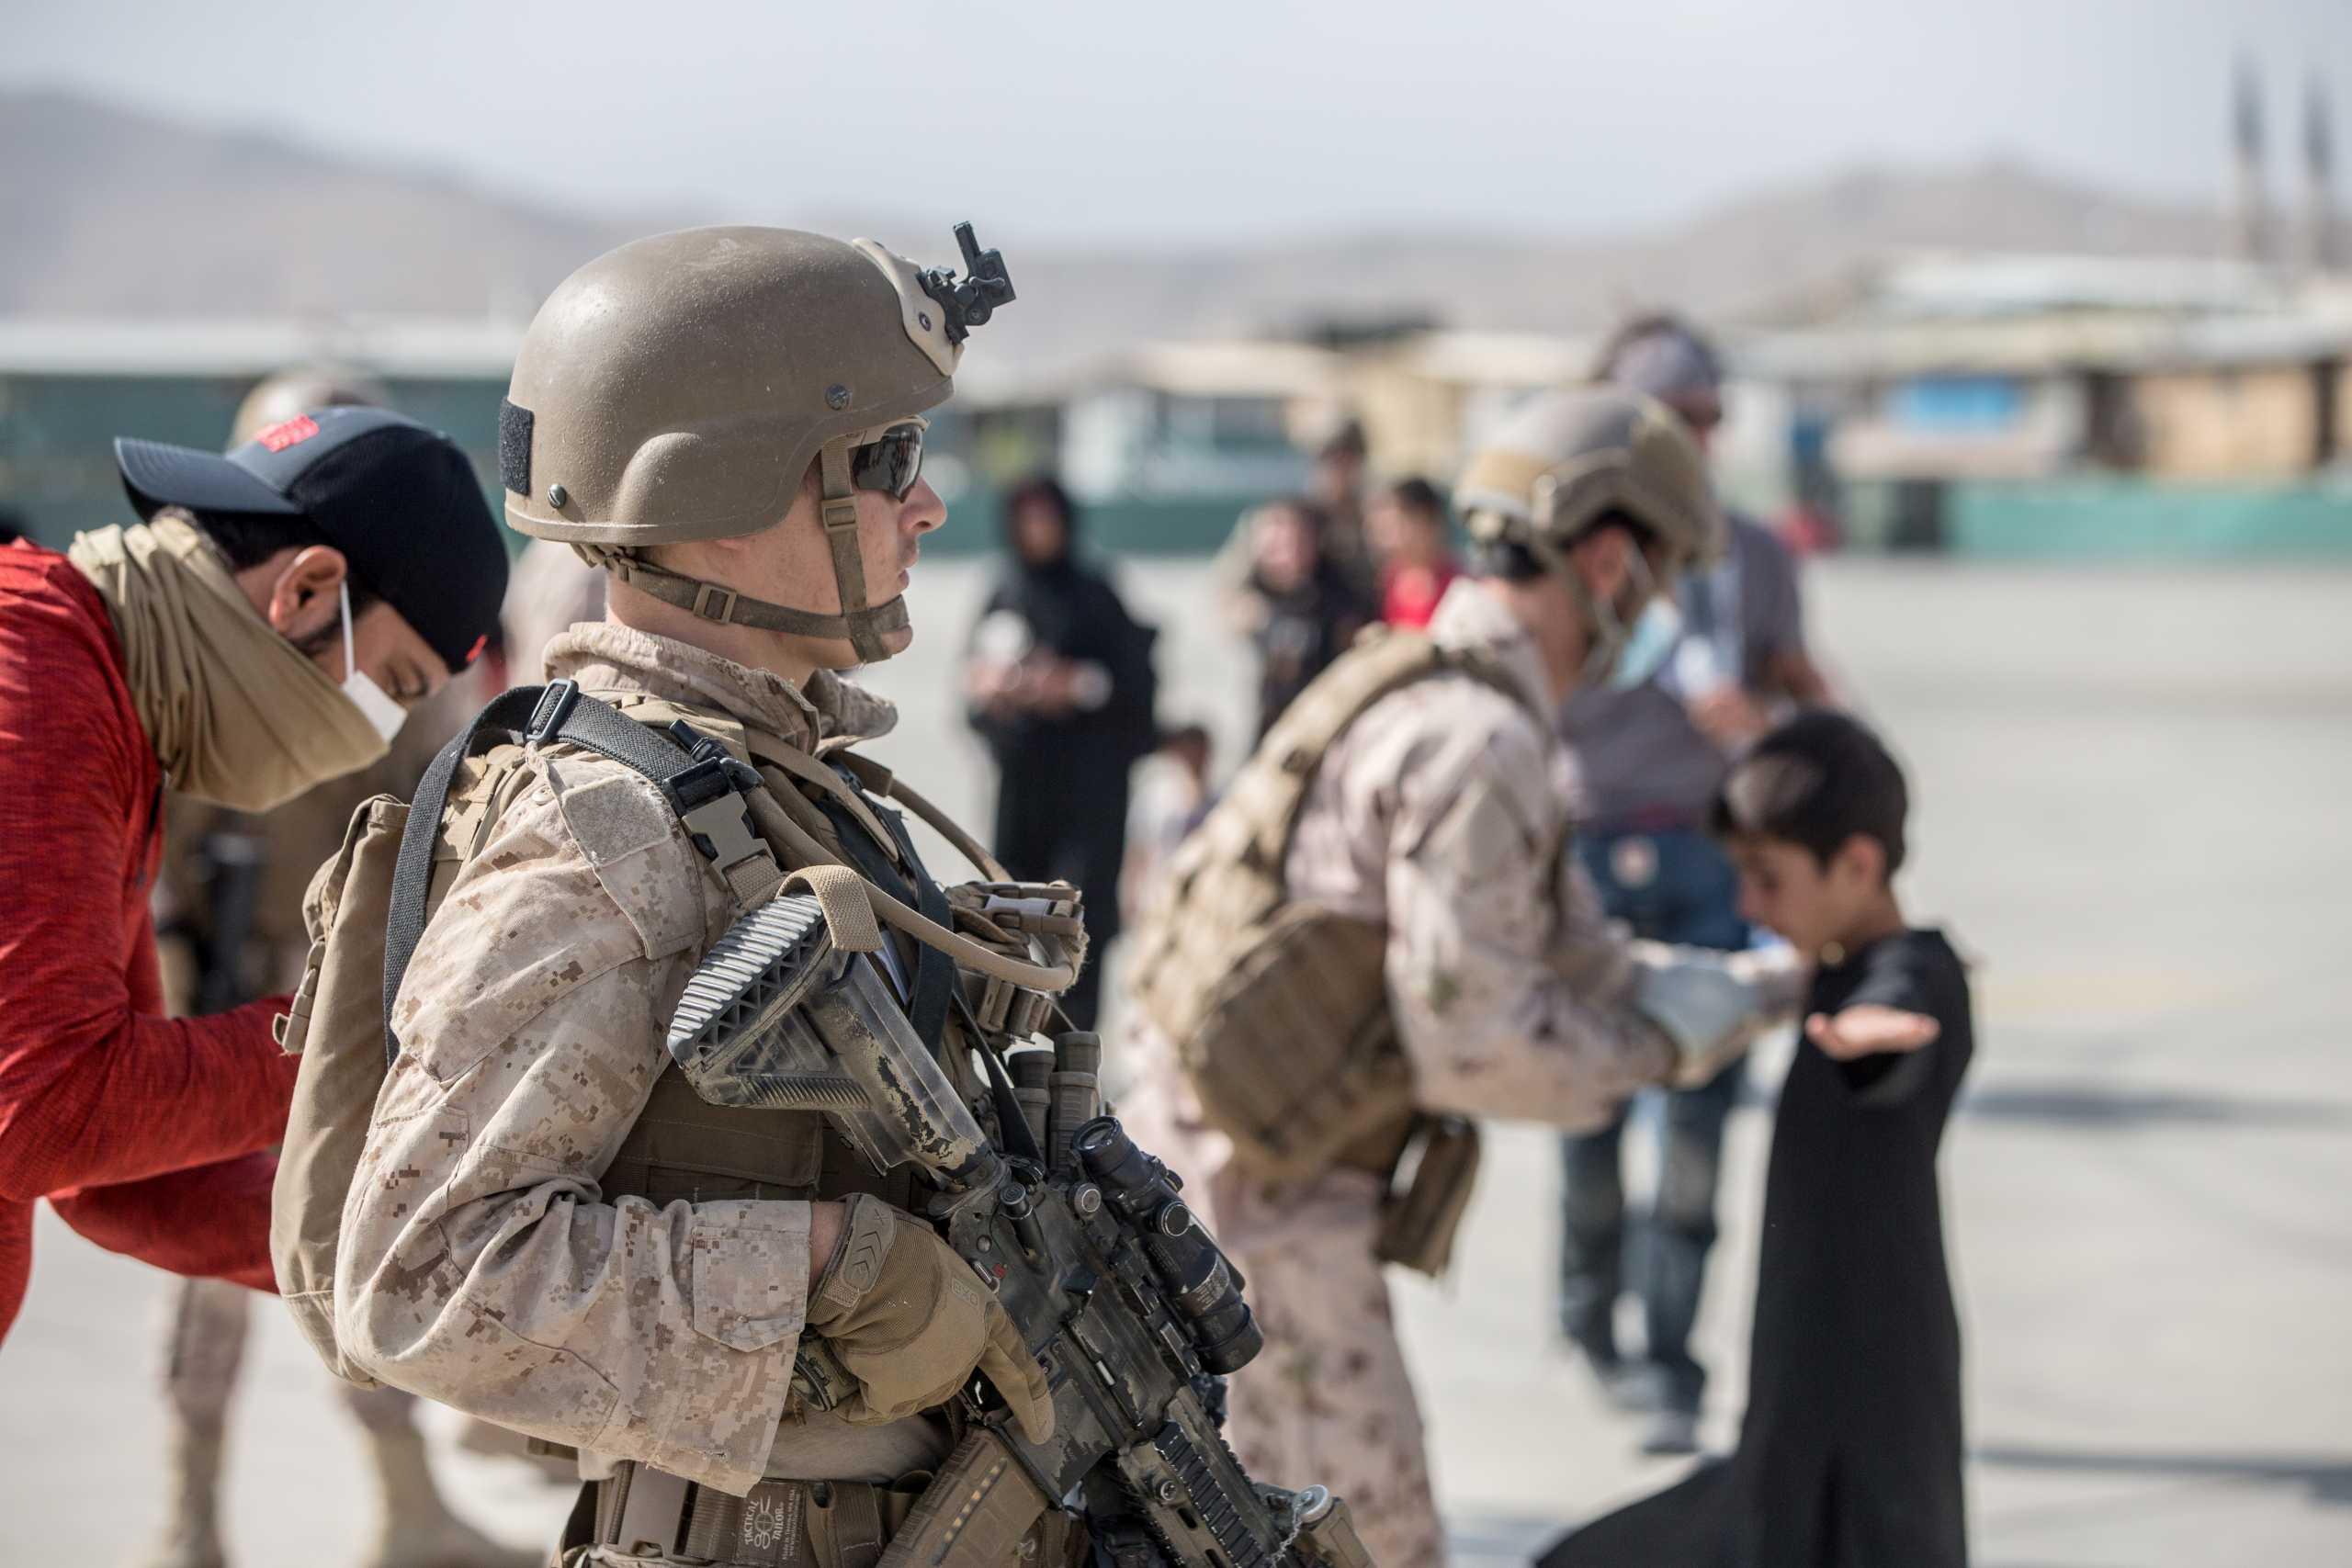 Επίθεση στην Καμπούλ: Η πιο πολύνεκρη για τον στρατό των ΗΠΑ από το 2011